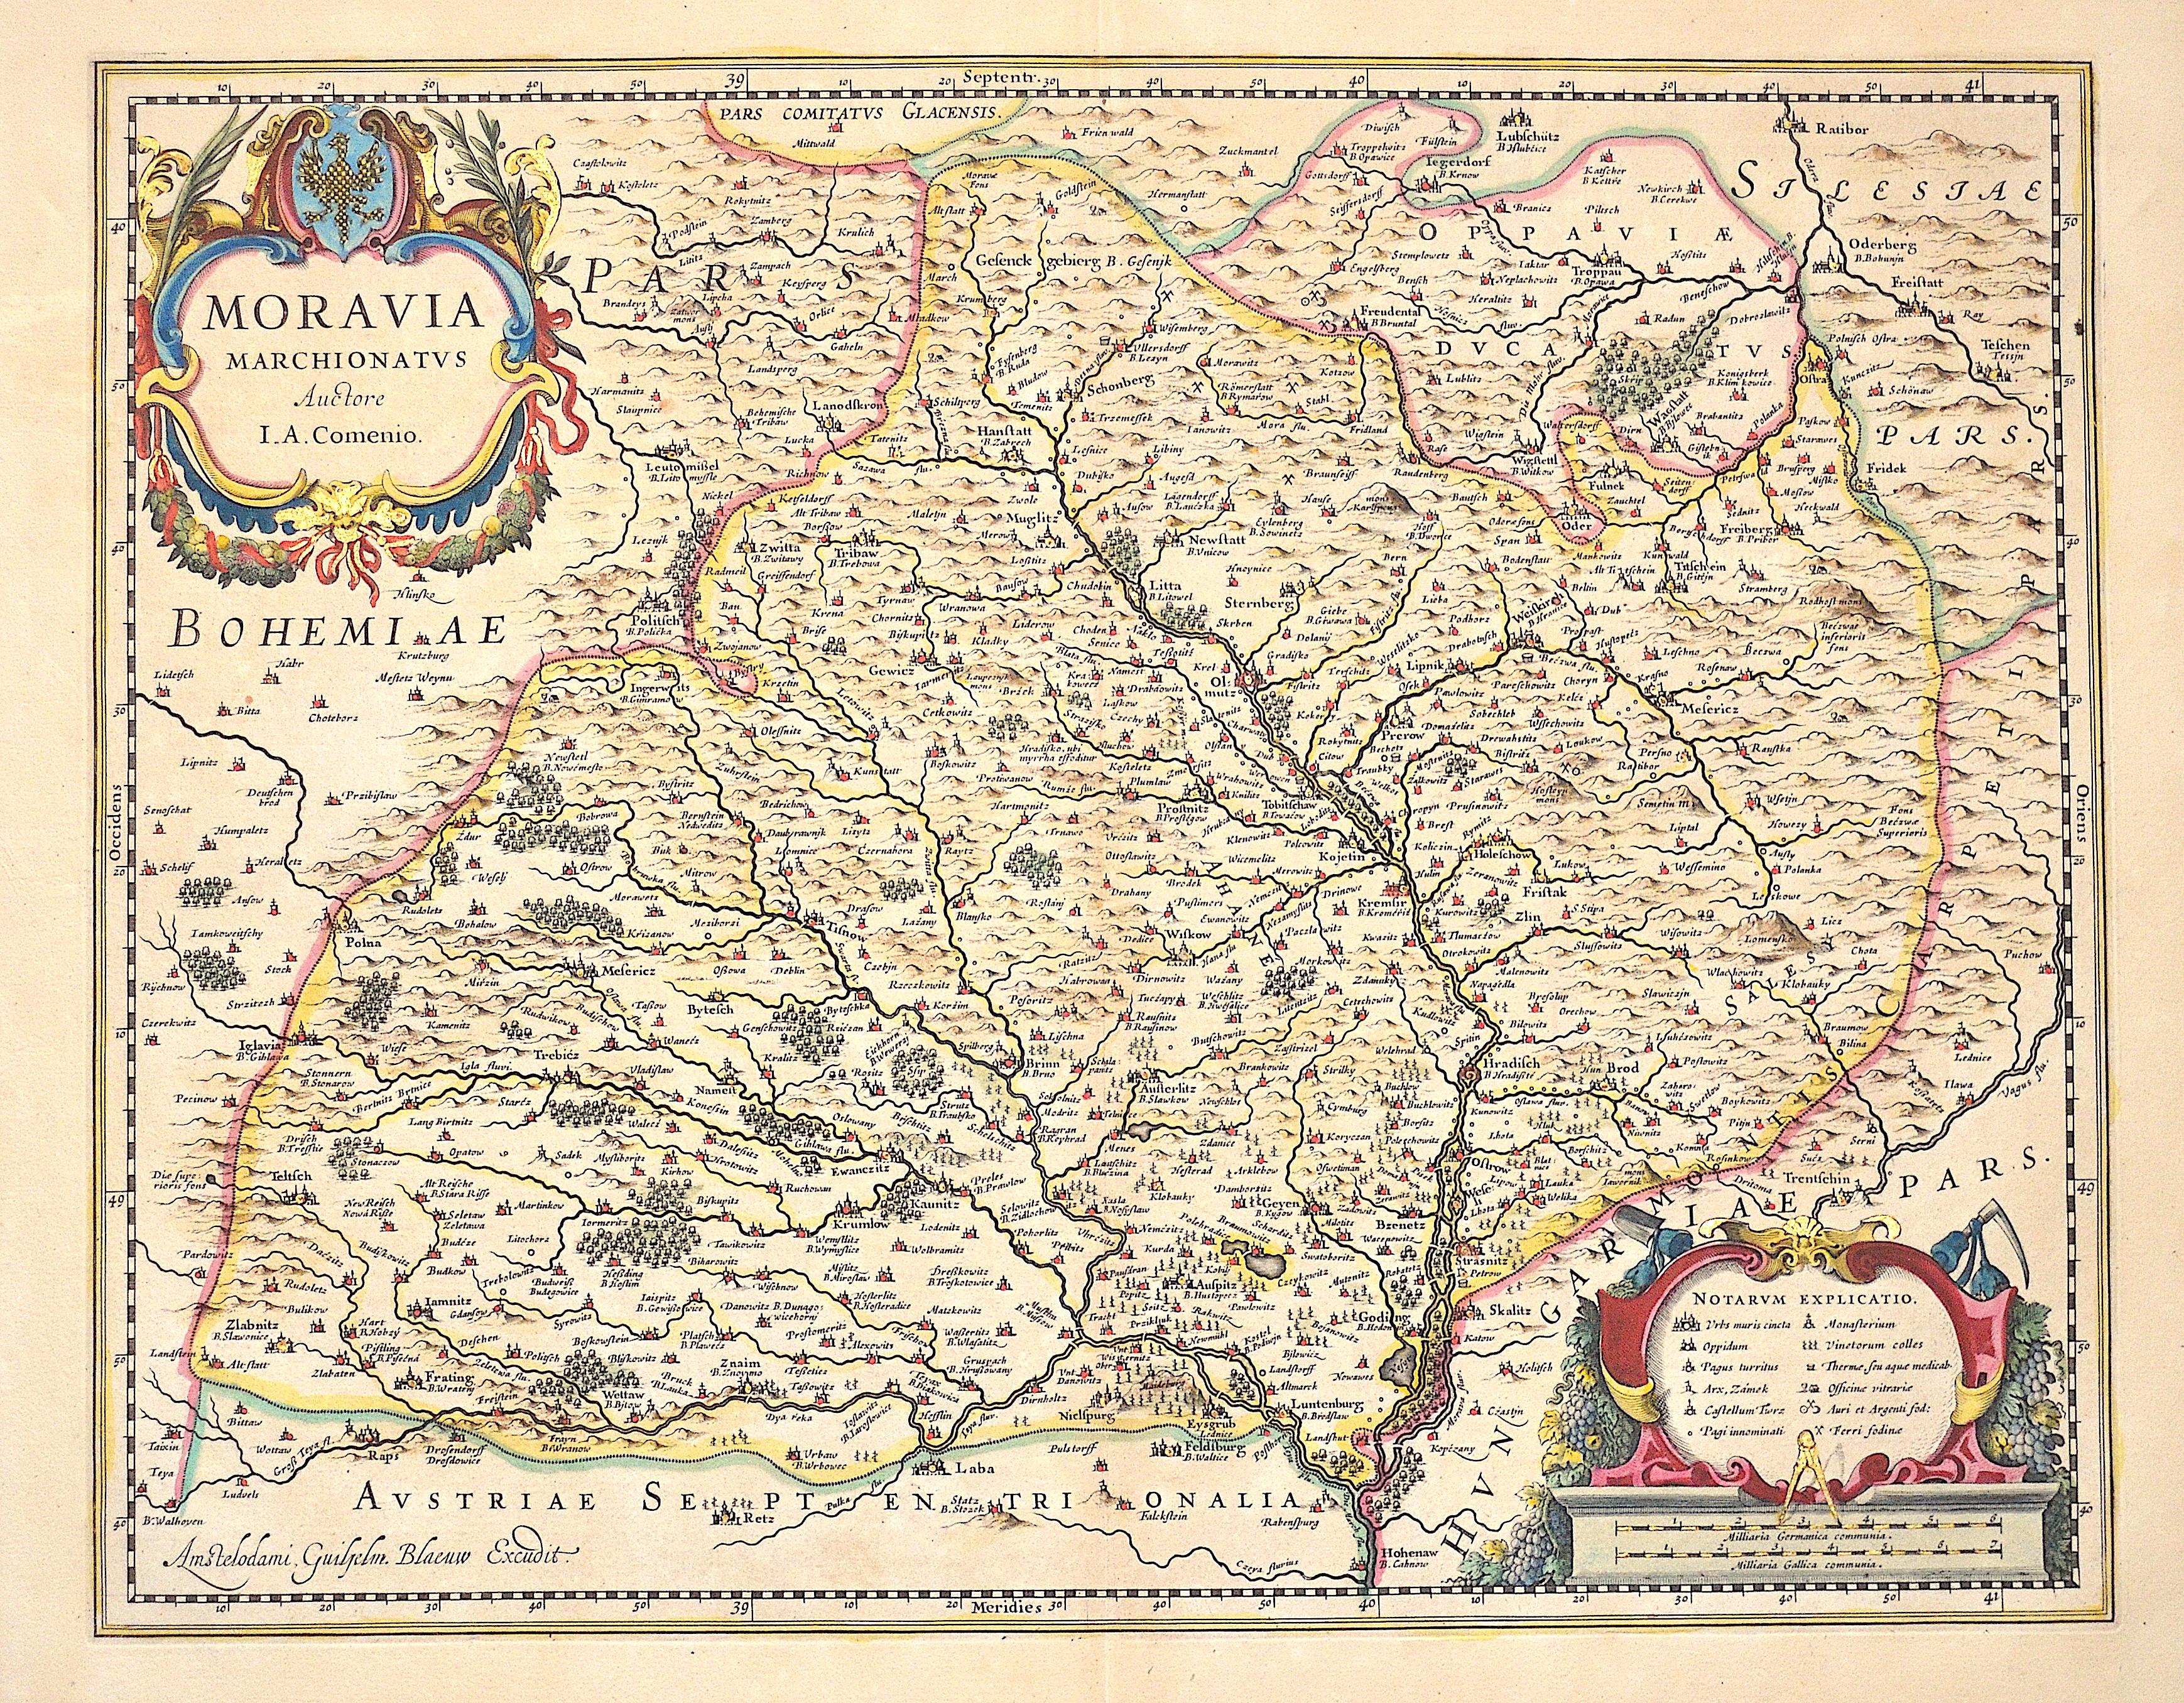 Blaeu Willem Janszoon Moravia Marchionatus Auctore I. A. Comenio.